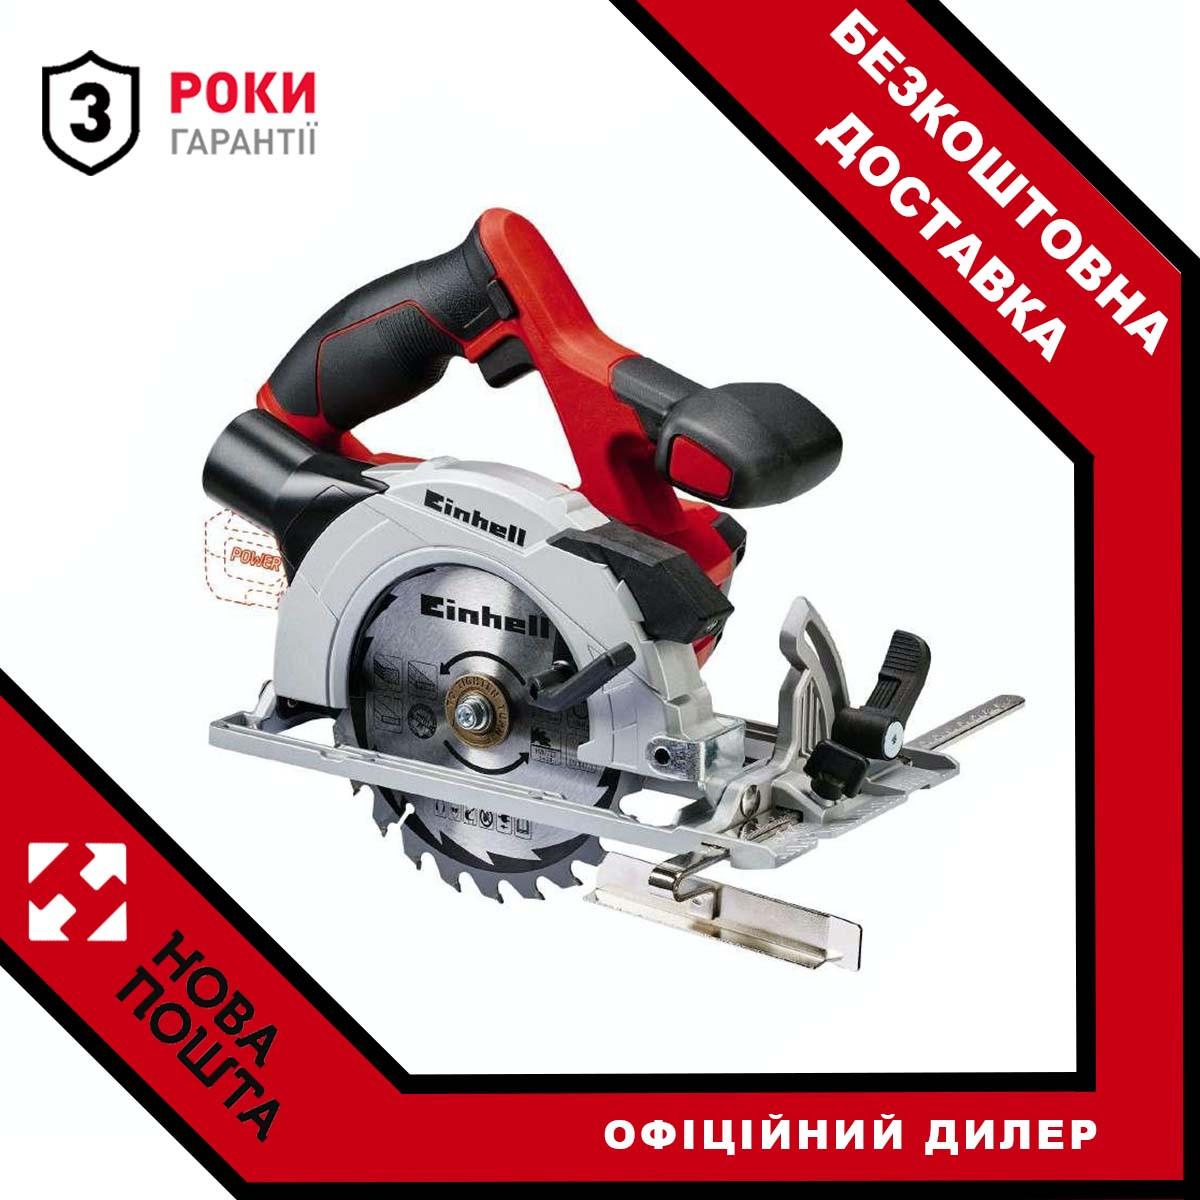 Пила циркулярная аккумуляторная Einhell TE-CS 18/150 Li - Solo (4331220)